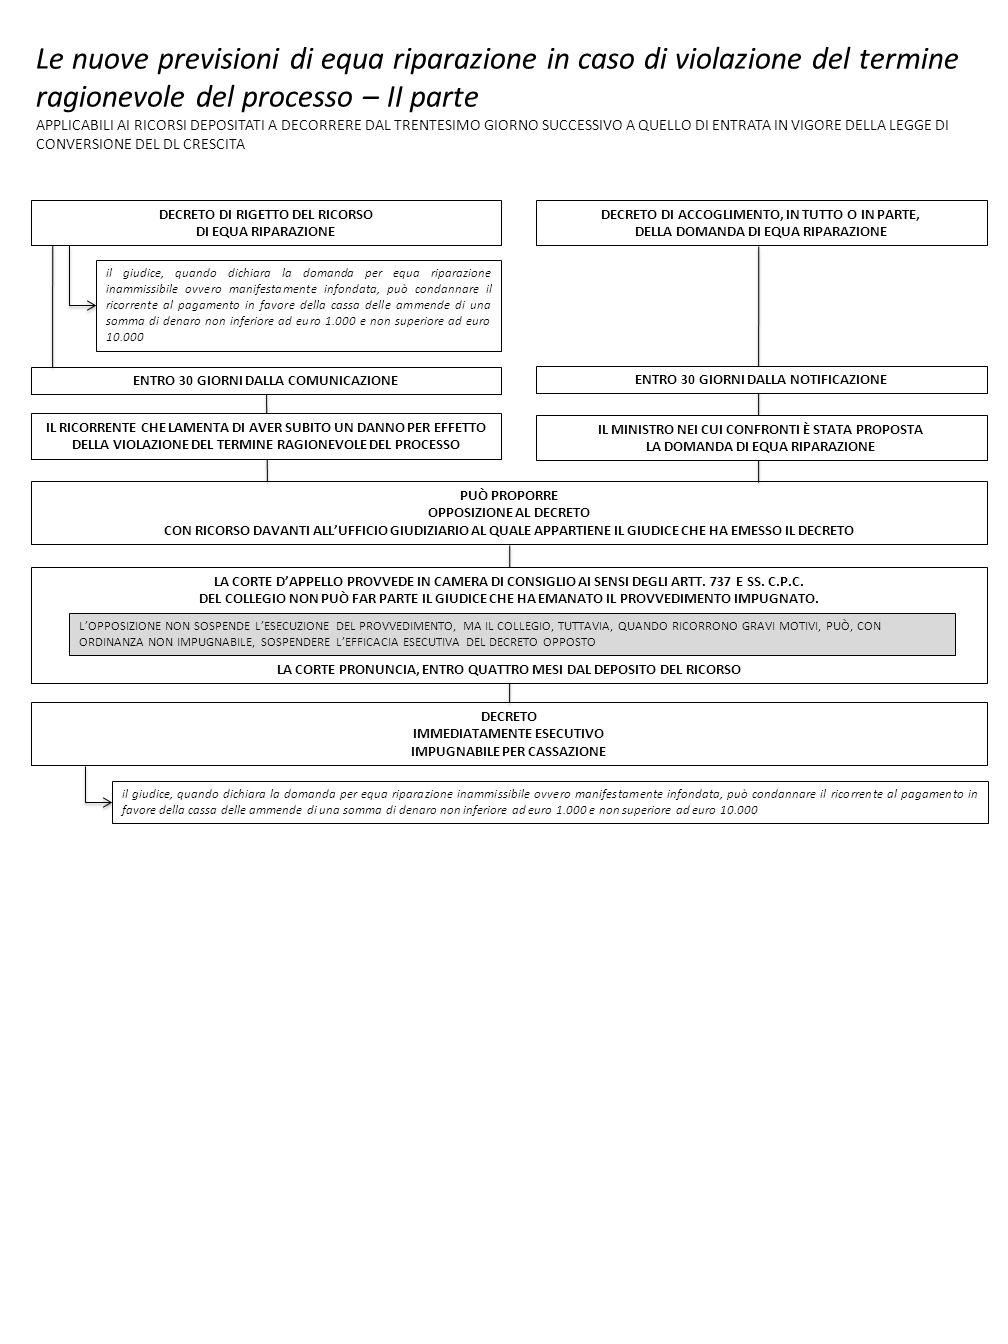 Le nuove previsioni di equa riparazione in caso di violazione del termine ragionevole del processo – II parte APPLICABILI AI RICORSI DEPOSITATI A DECO